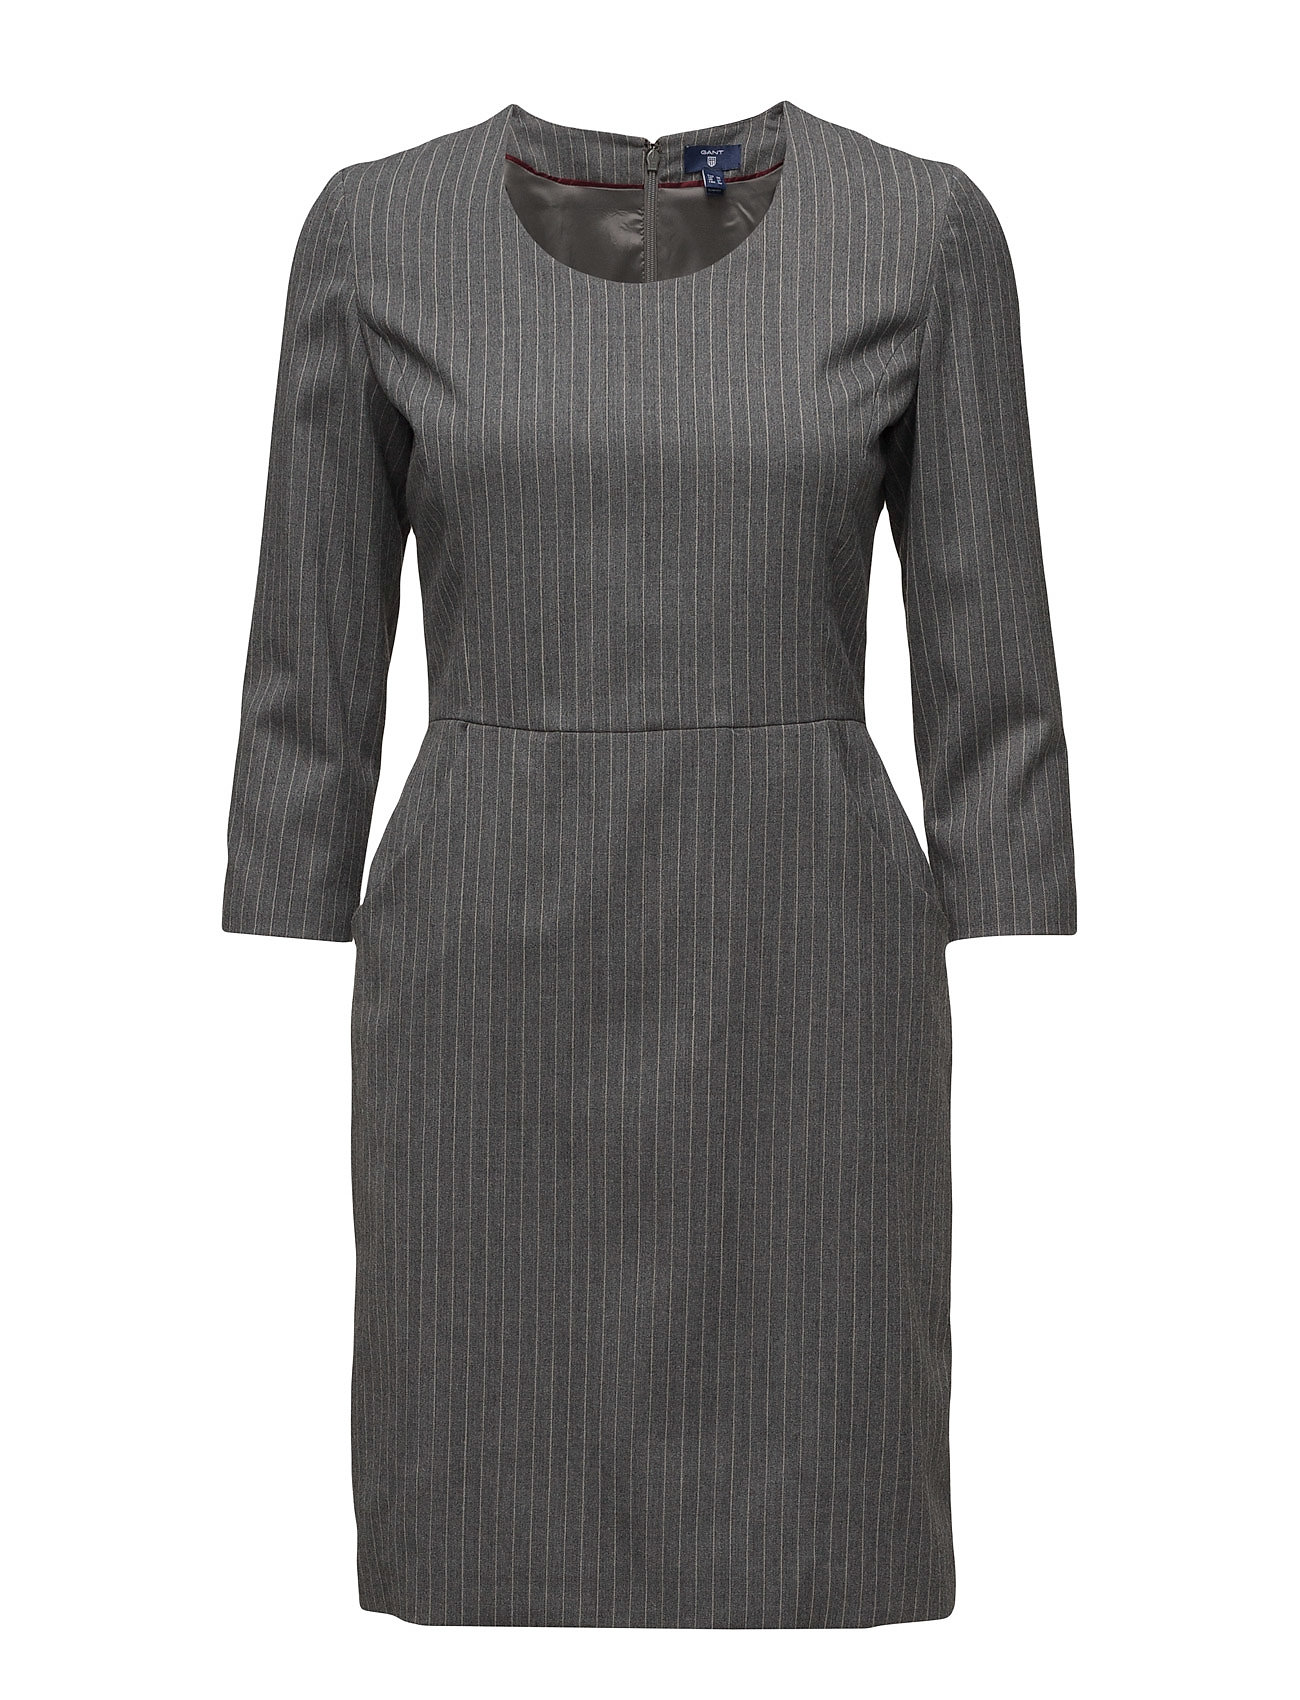 Artikel klicken und genauer betrachten! - GANT. Wolle 98%, Elastan 2%. Schmälernde Taille. Textil mit Stretcheffekt. Versteckter Knopfverschluss an der Rückseite. Nadelstreifen. Seitentaschen. Der Artikel ist für Damen, in der Farbe CHARCOAL MELANGE. Das Produktmaterial ist Wolle 98%, elastan 2% und der Artikel ist erhältlich in den Größen 34,42. Versandkosten betragen 0,00 €. Boozt bietet alle marktüblichen Zahlungsweisen wie Kauf auf Rechnung, Paypal und Kreditkartenzahlung. Ausserdem gibt es bei Boozt.com immer ein 30 tägiges Rückgaberecht und damit sind Retouren für Kunden kostenlos. | im Online Shop kaufen